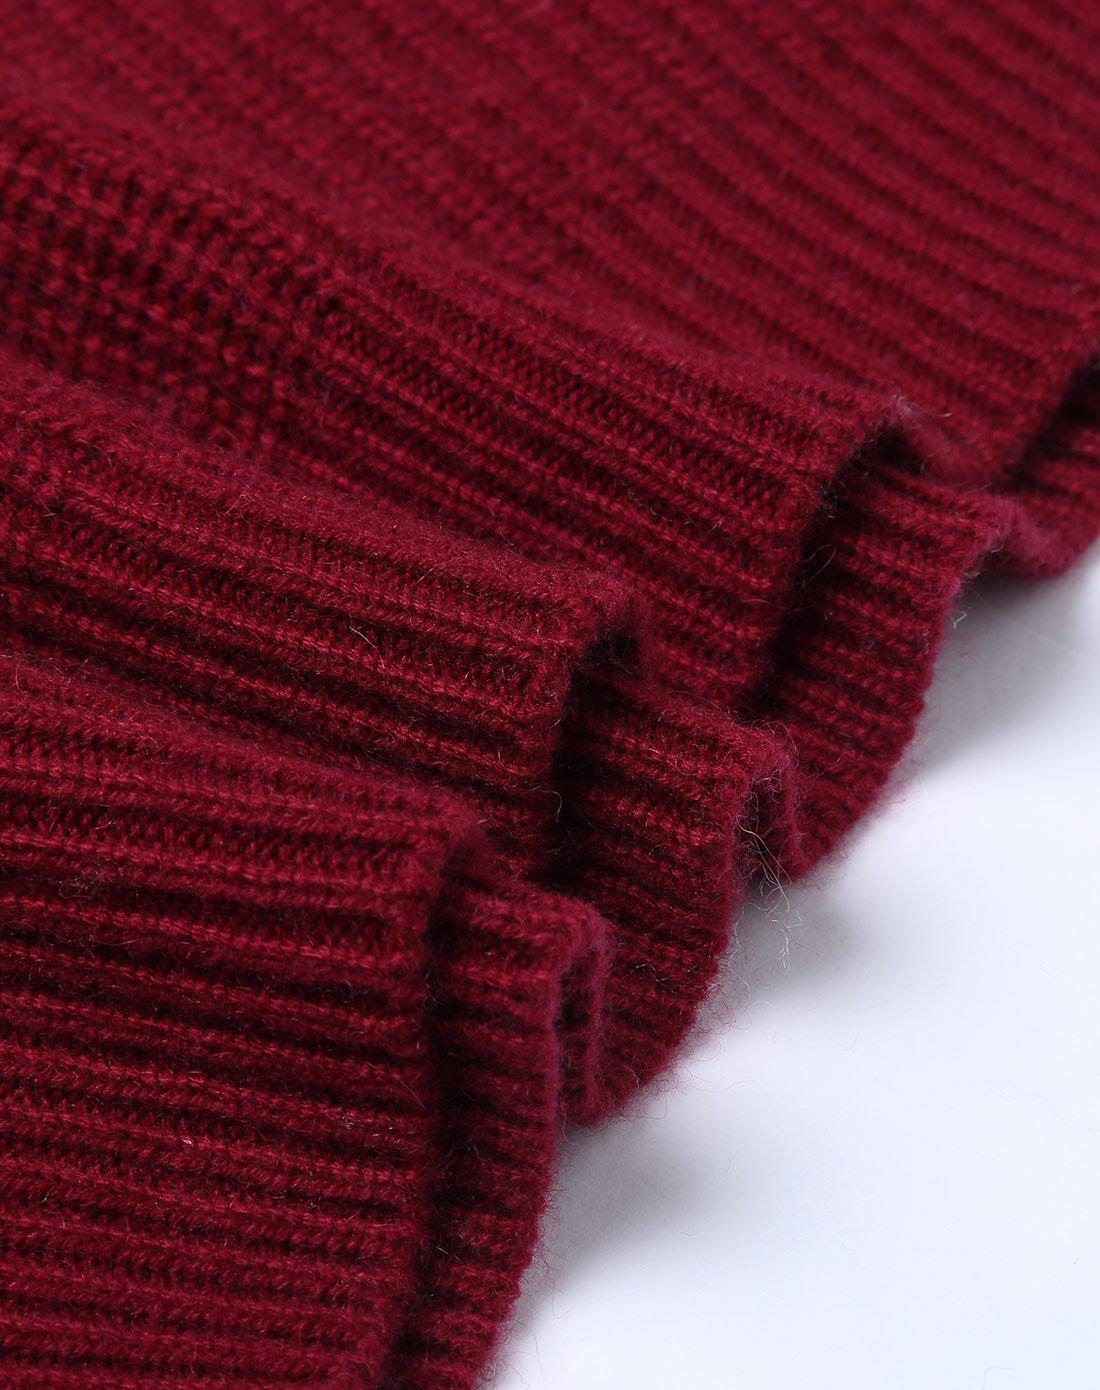 950 250轮播图片素材羊绒衫